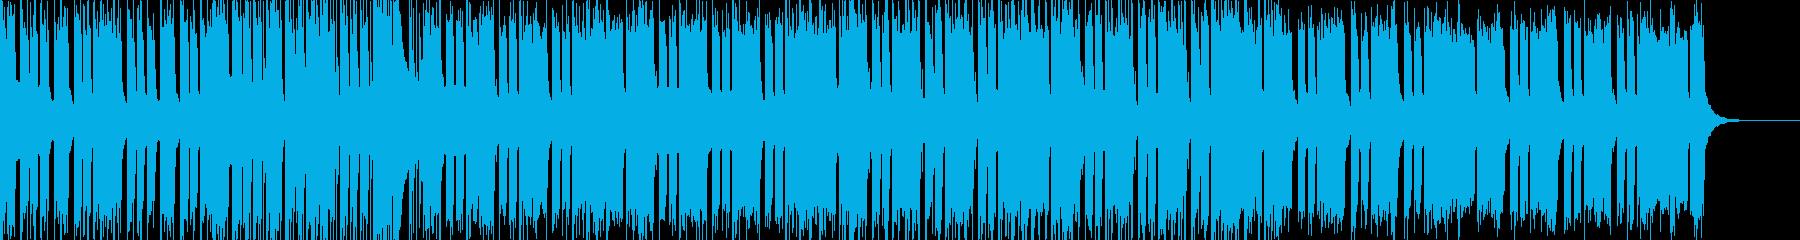 ぽップなクラブミュージック 4の再生済みの波形